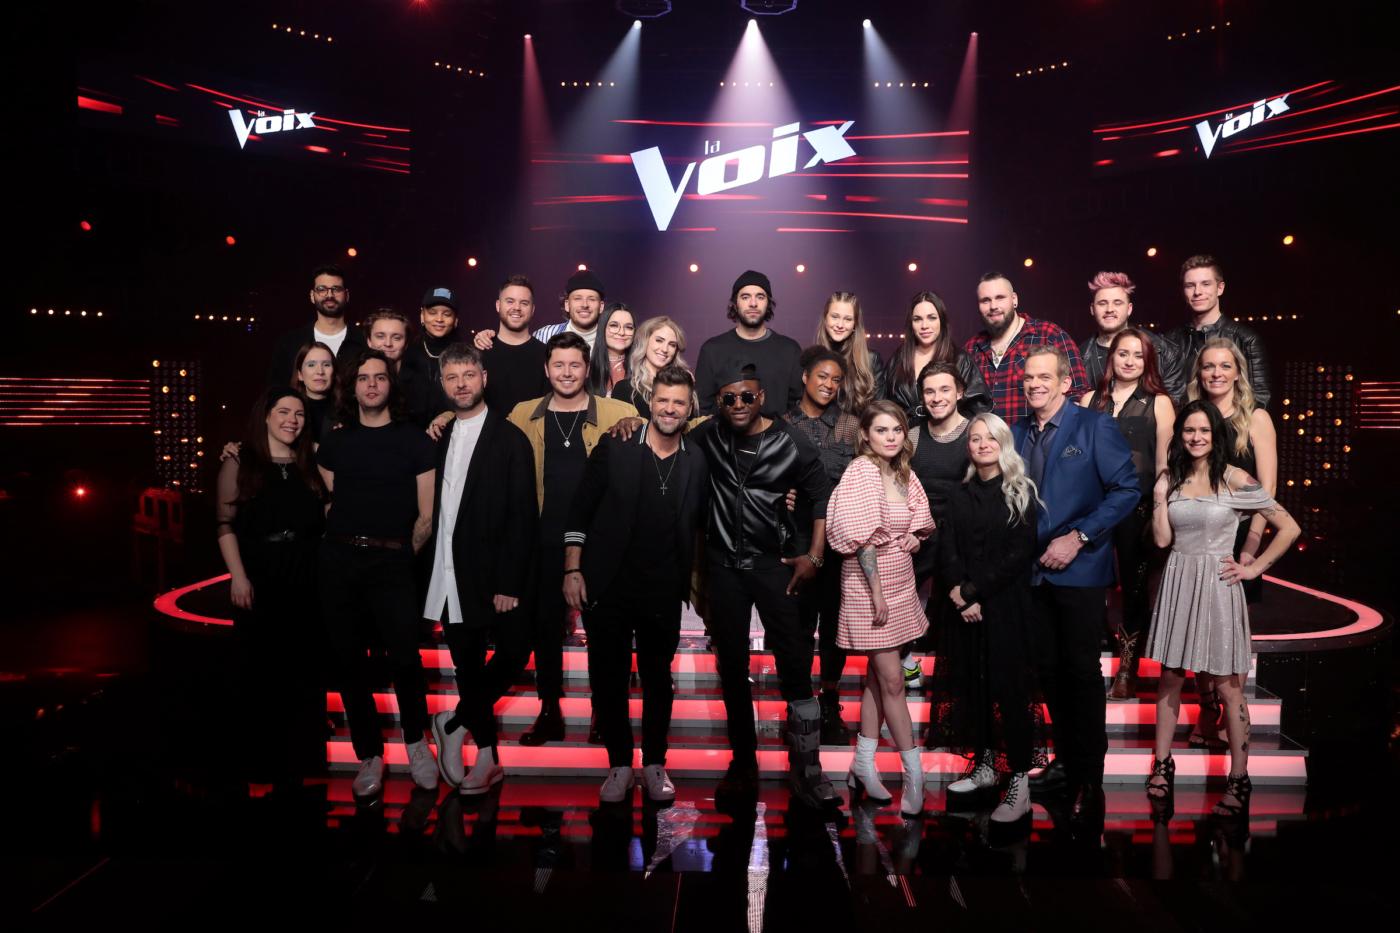 La Voix : Les champs de bataille